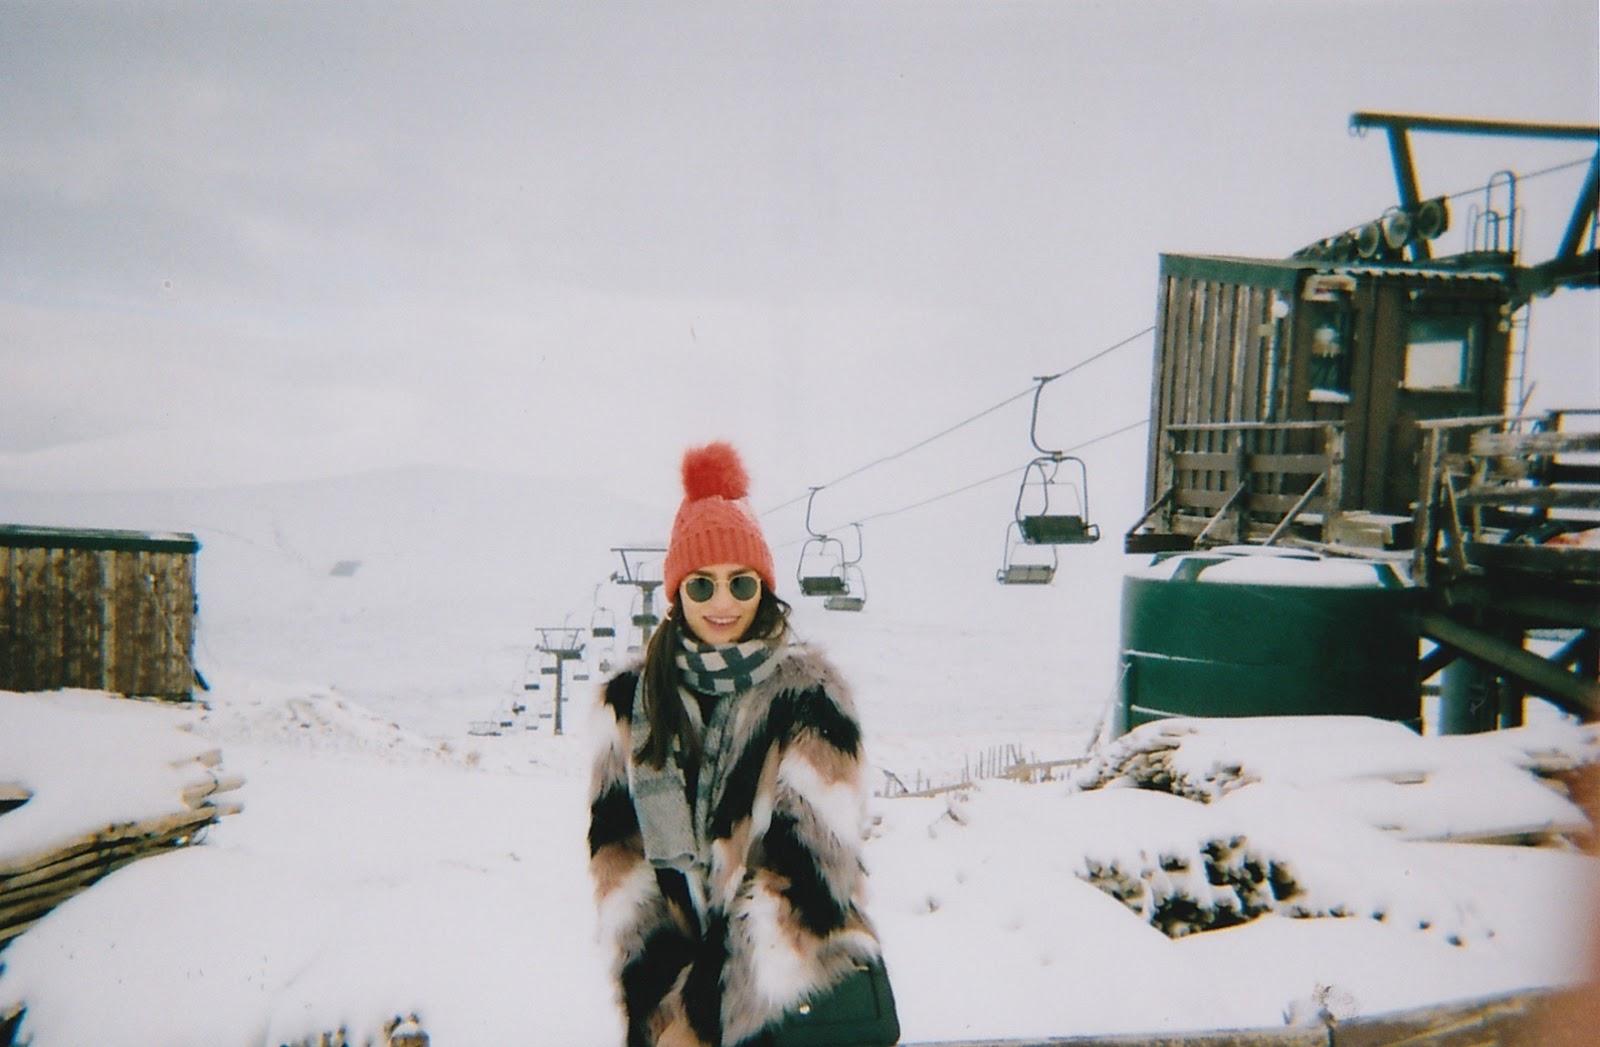 film photos scotland